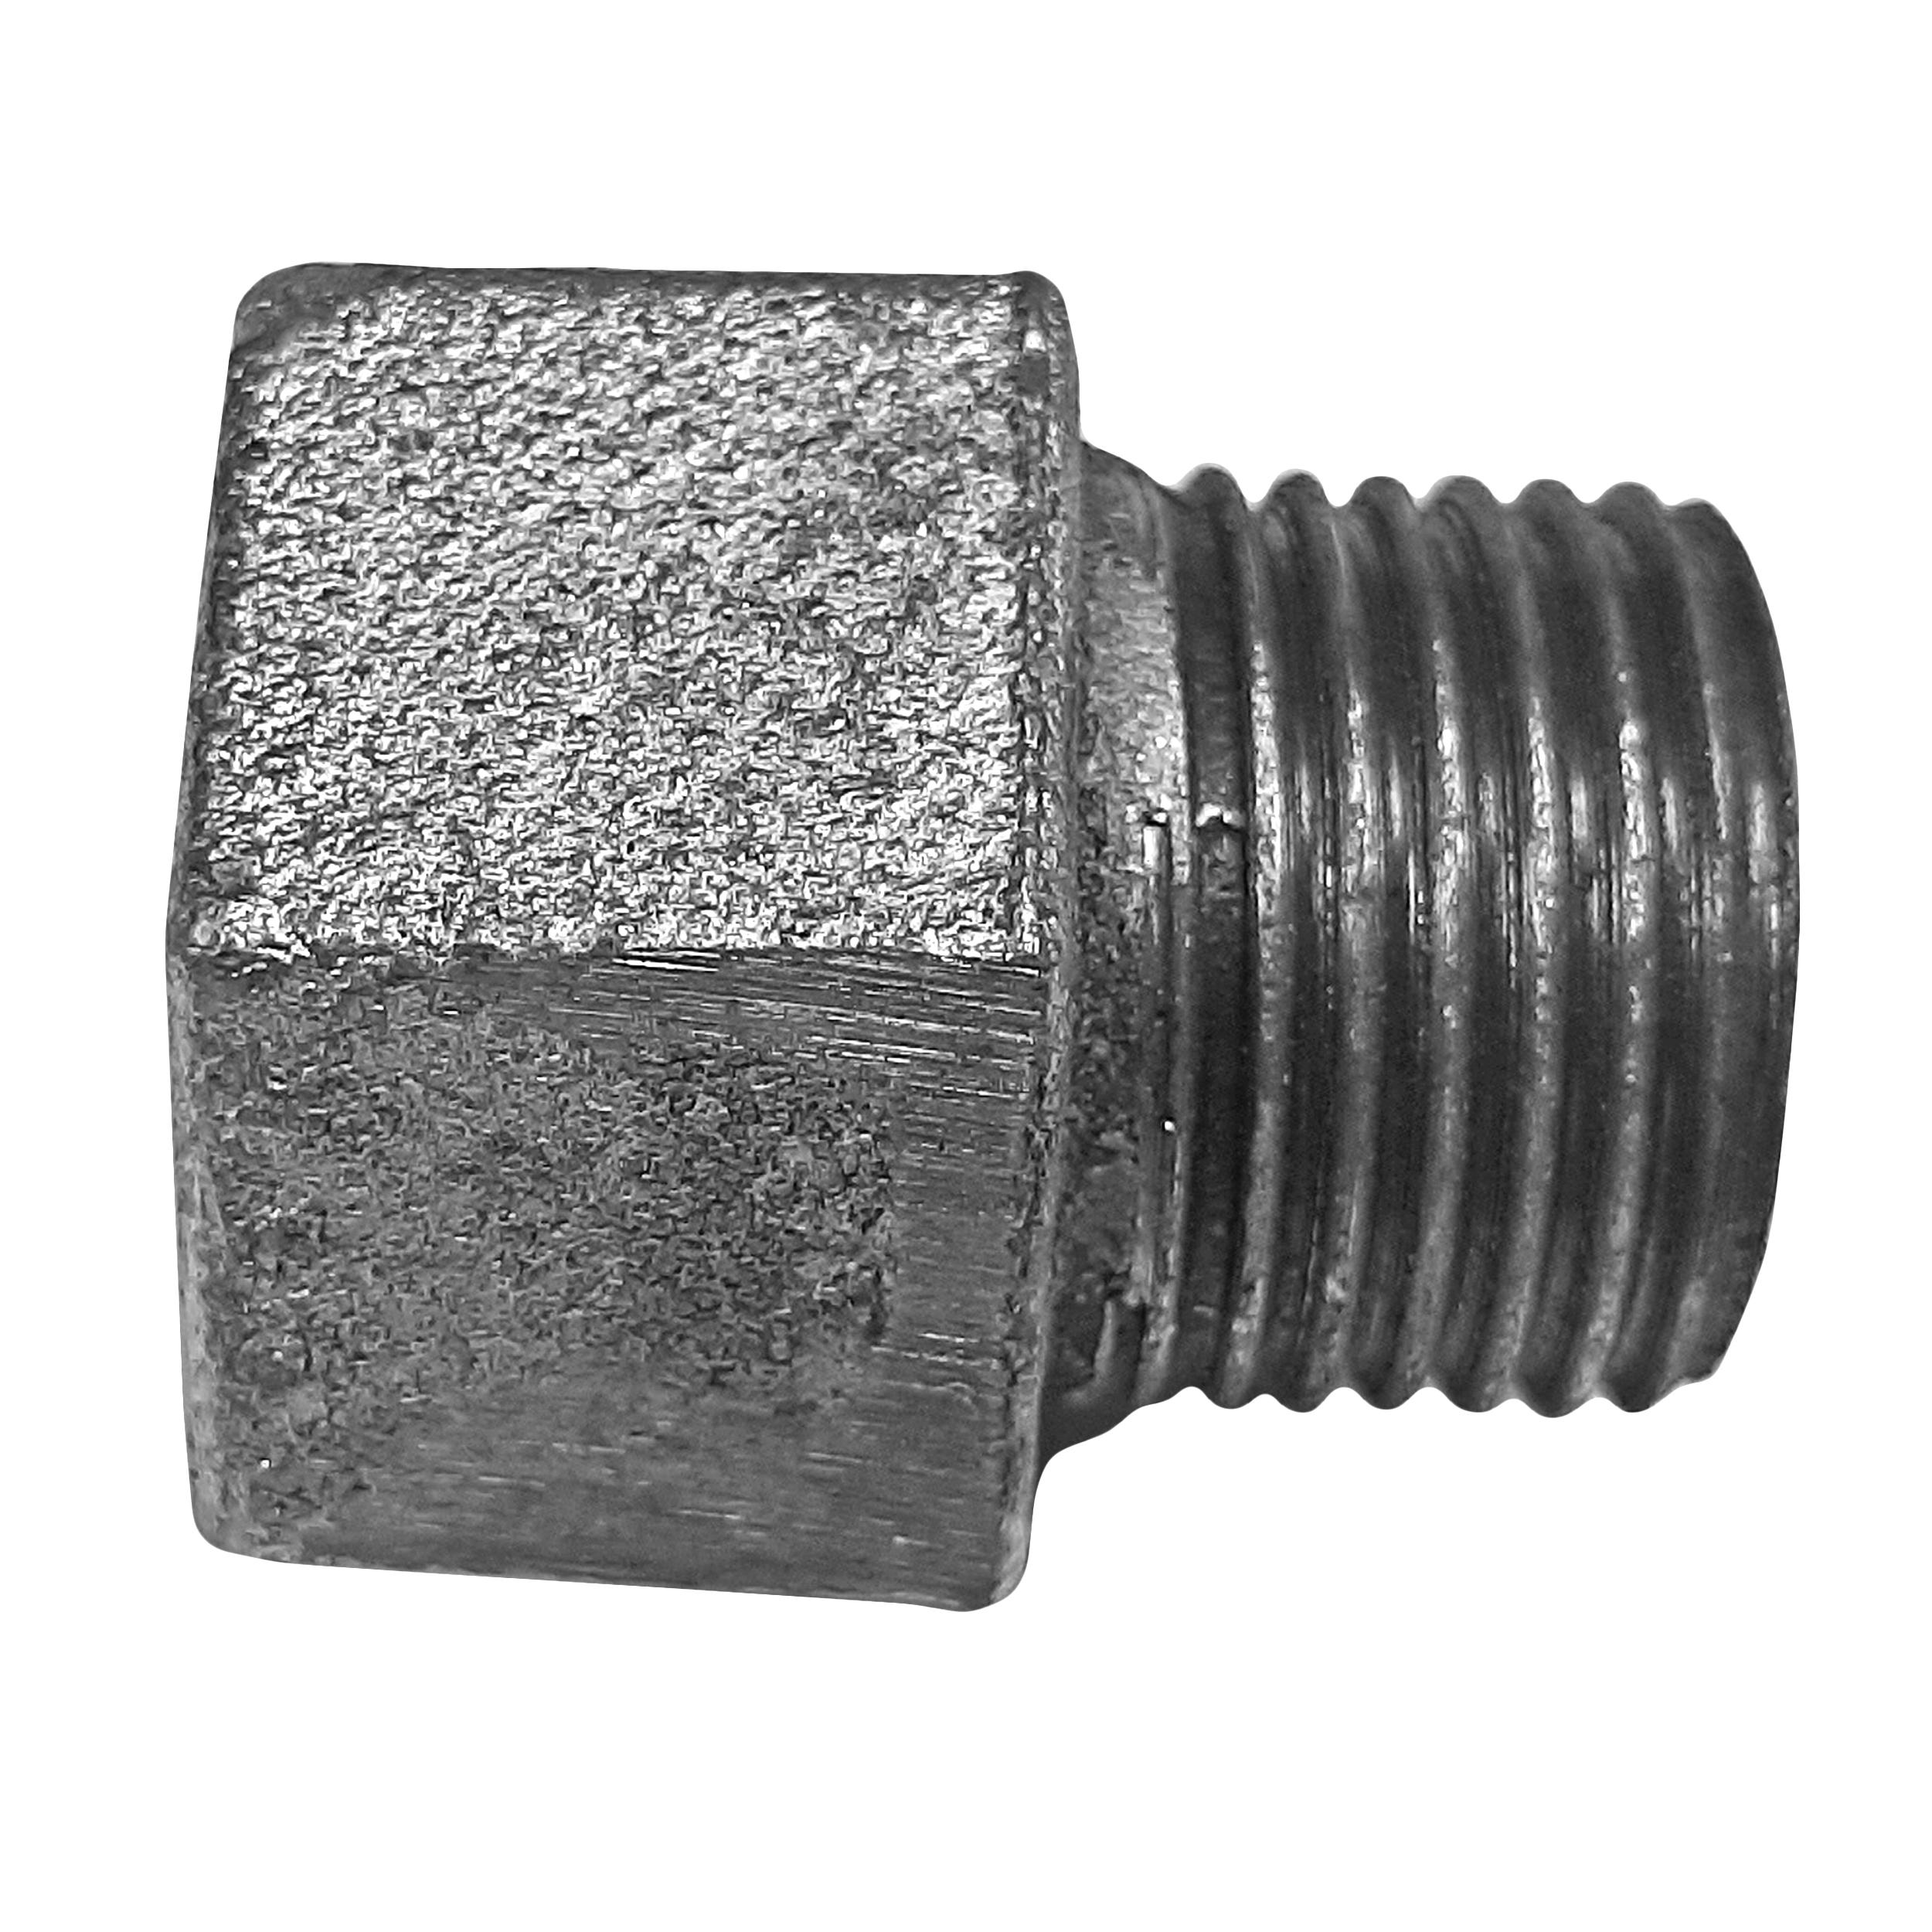 اتصال روپیچ توپیچ کد 20              ( قیمت عمده )